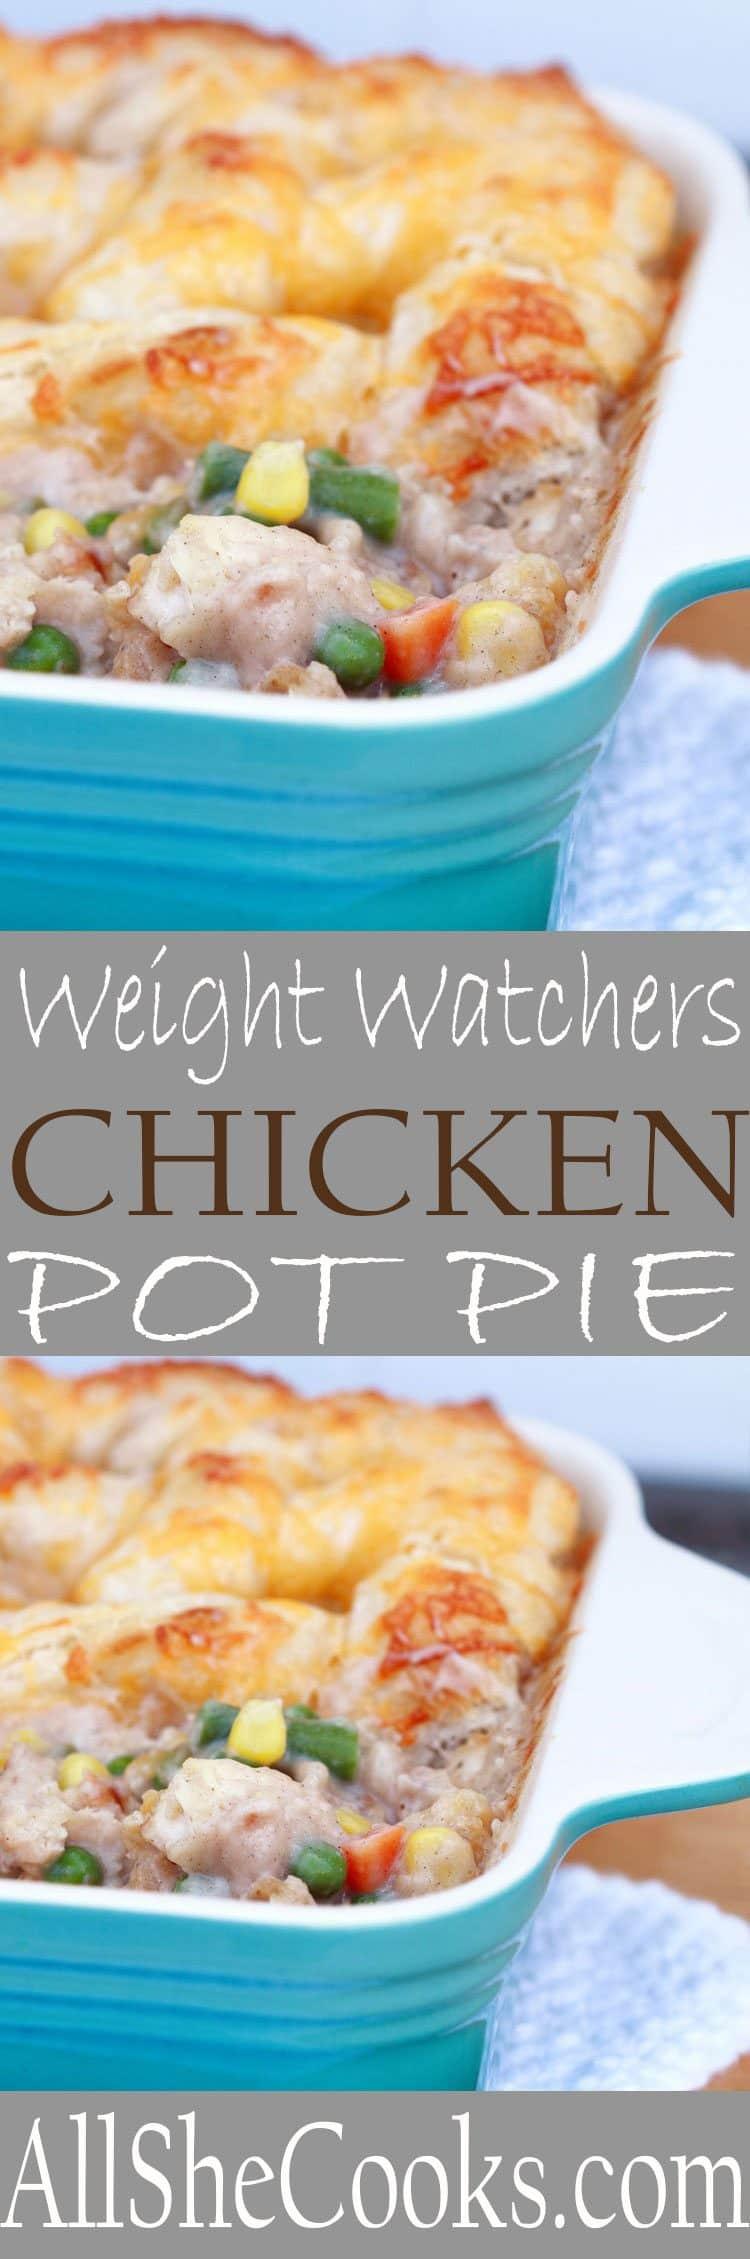 Low Fat Chicken Pot Pie  Chicken Pot Pie Weight Watchers